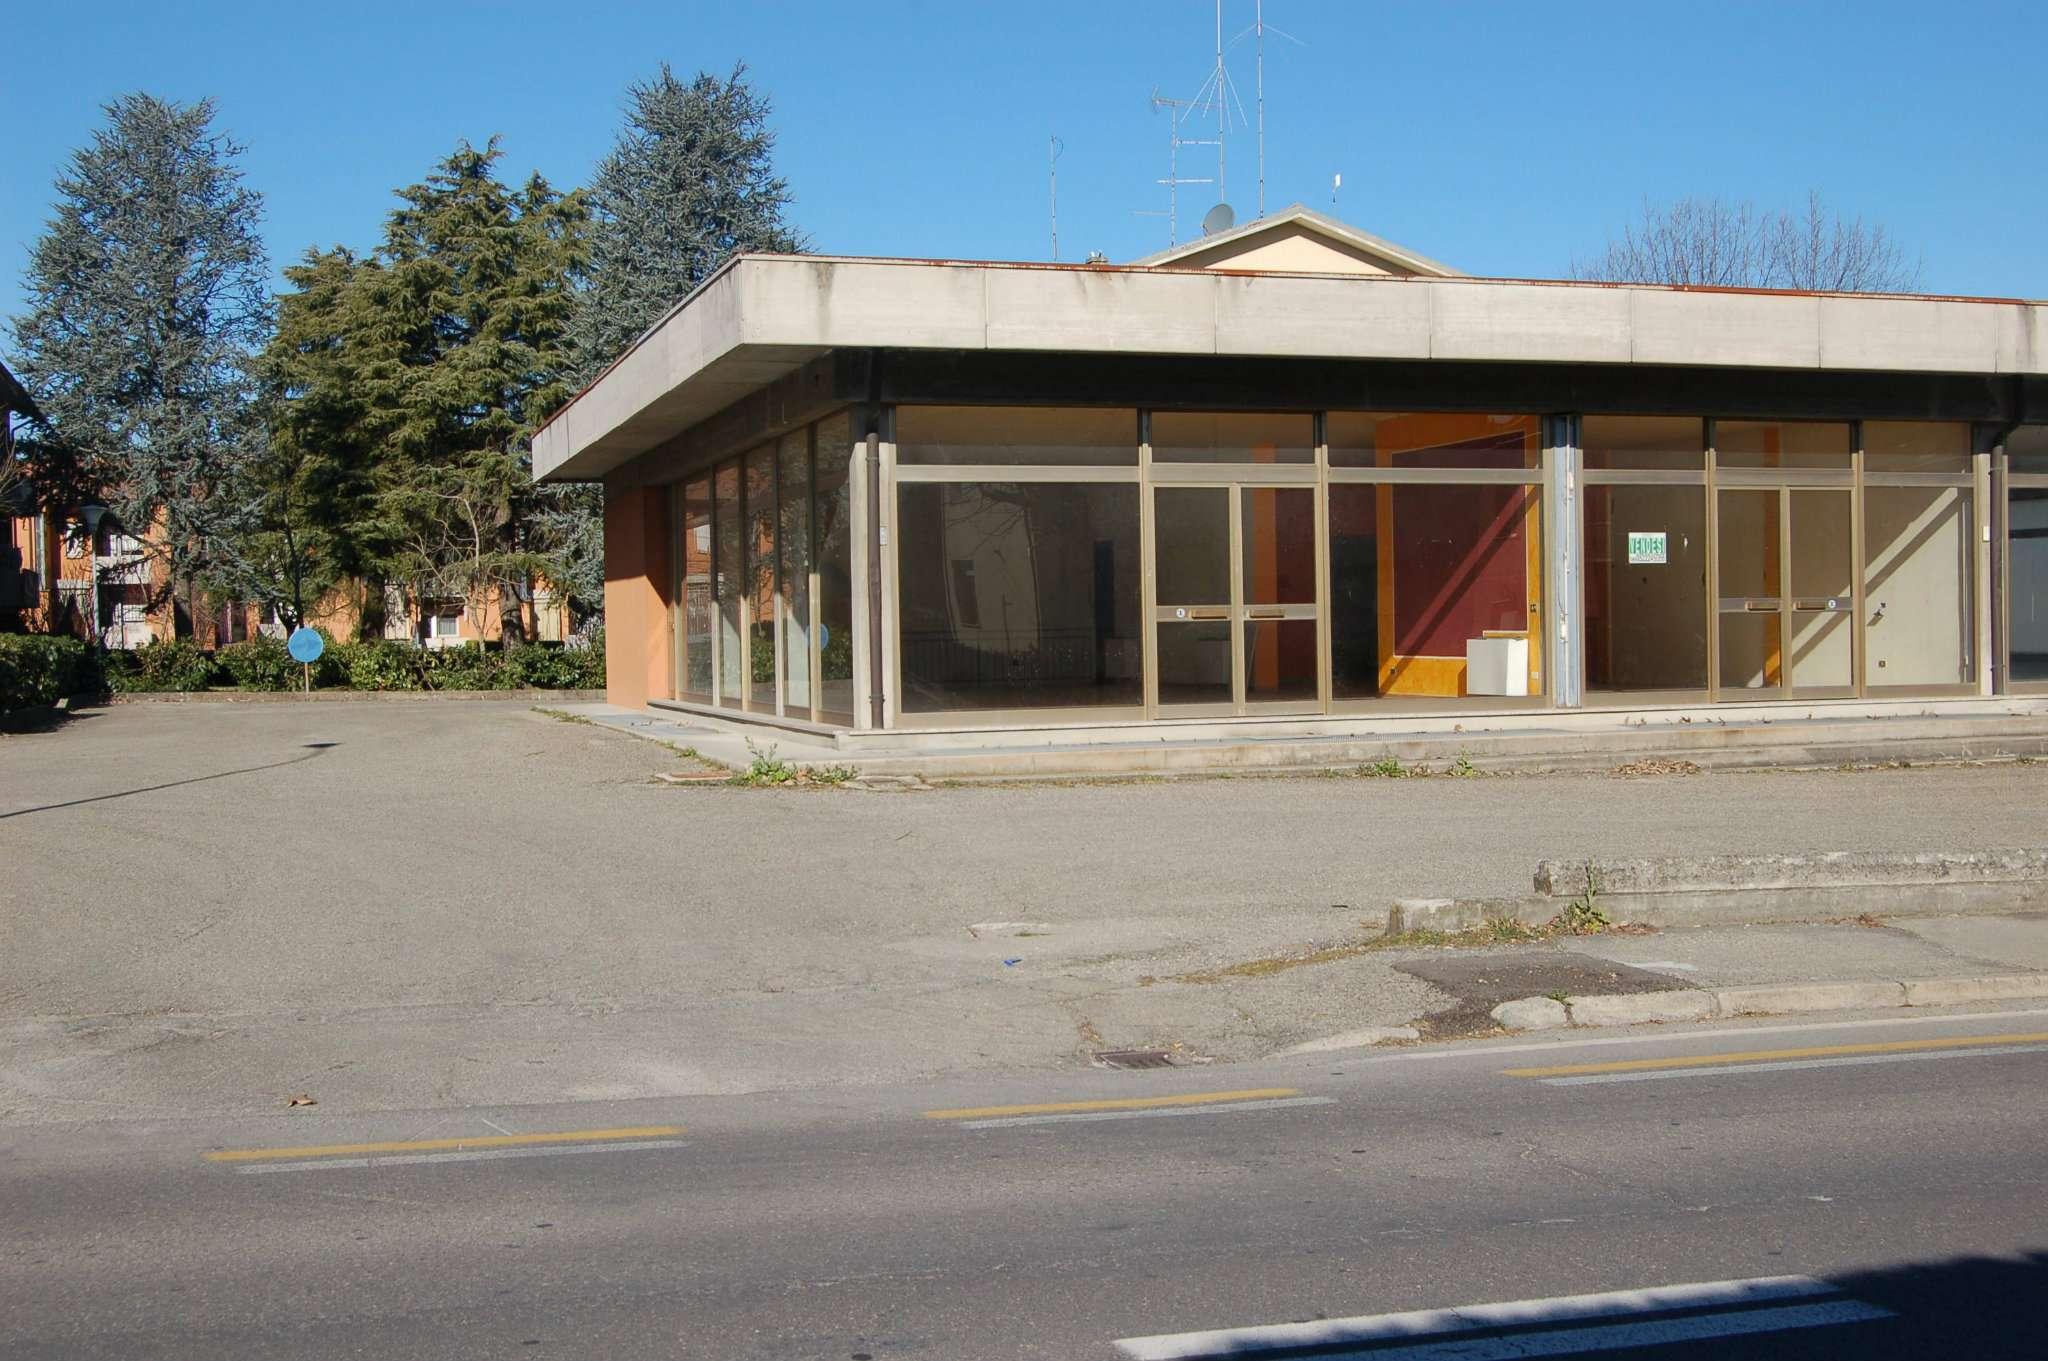 Negozio / Locale in vendita a San Polo d'Enza, 9999 locali, prezzo € 75.000 | CambioCasa.it